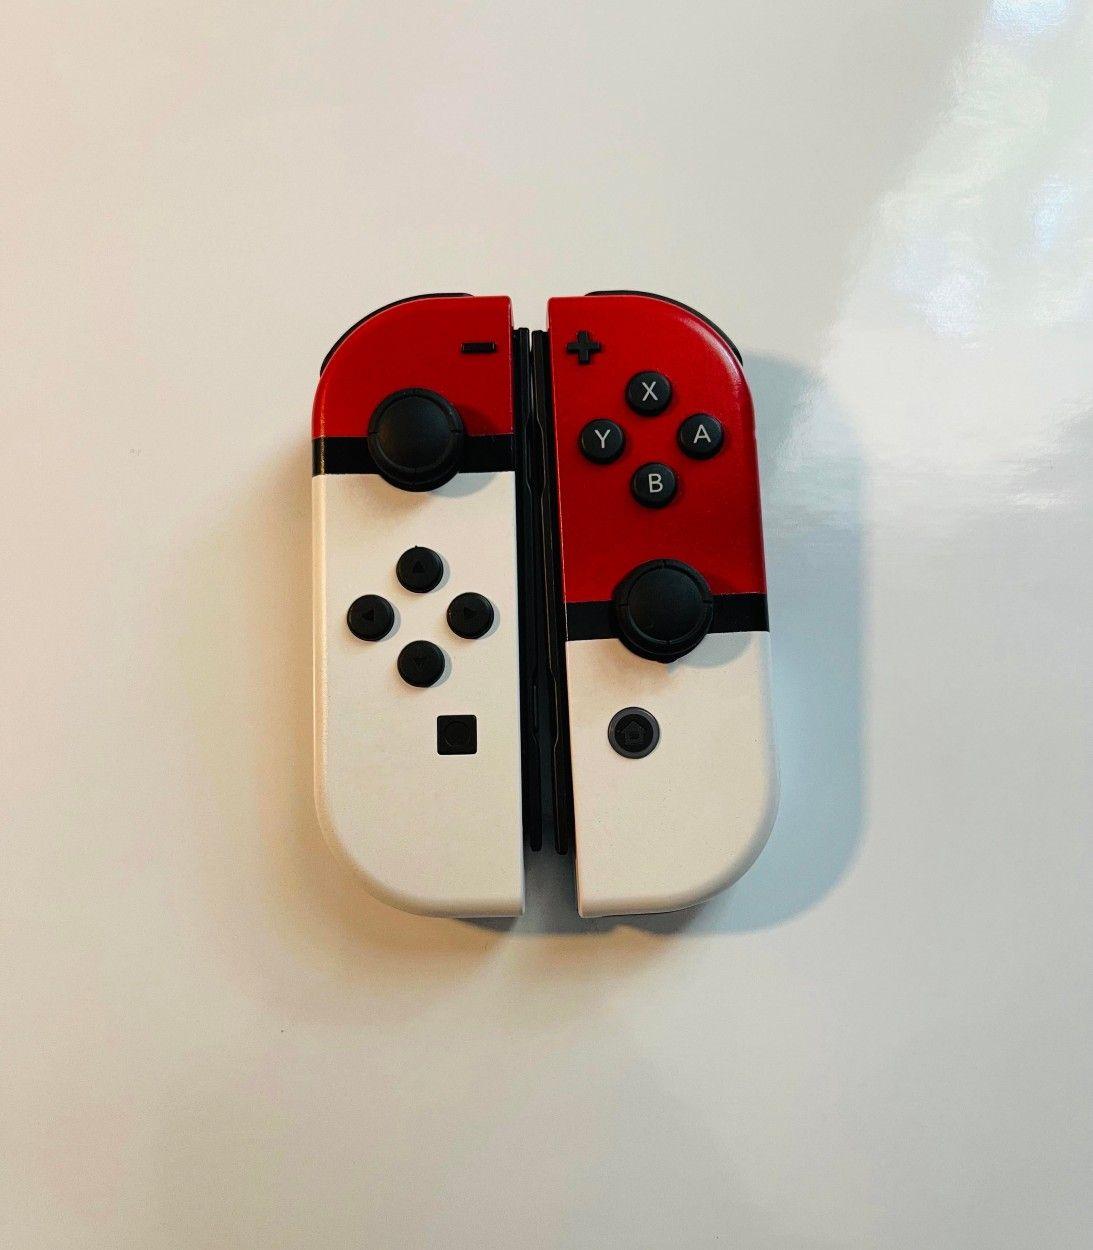 Pokemon Fan Shows Off Custom Poke Ball-Themed Switch Joy-Con Controllers